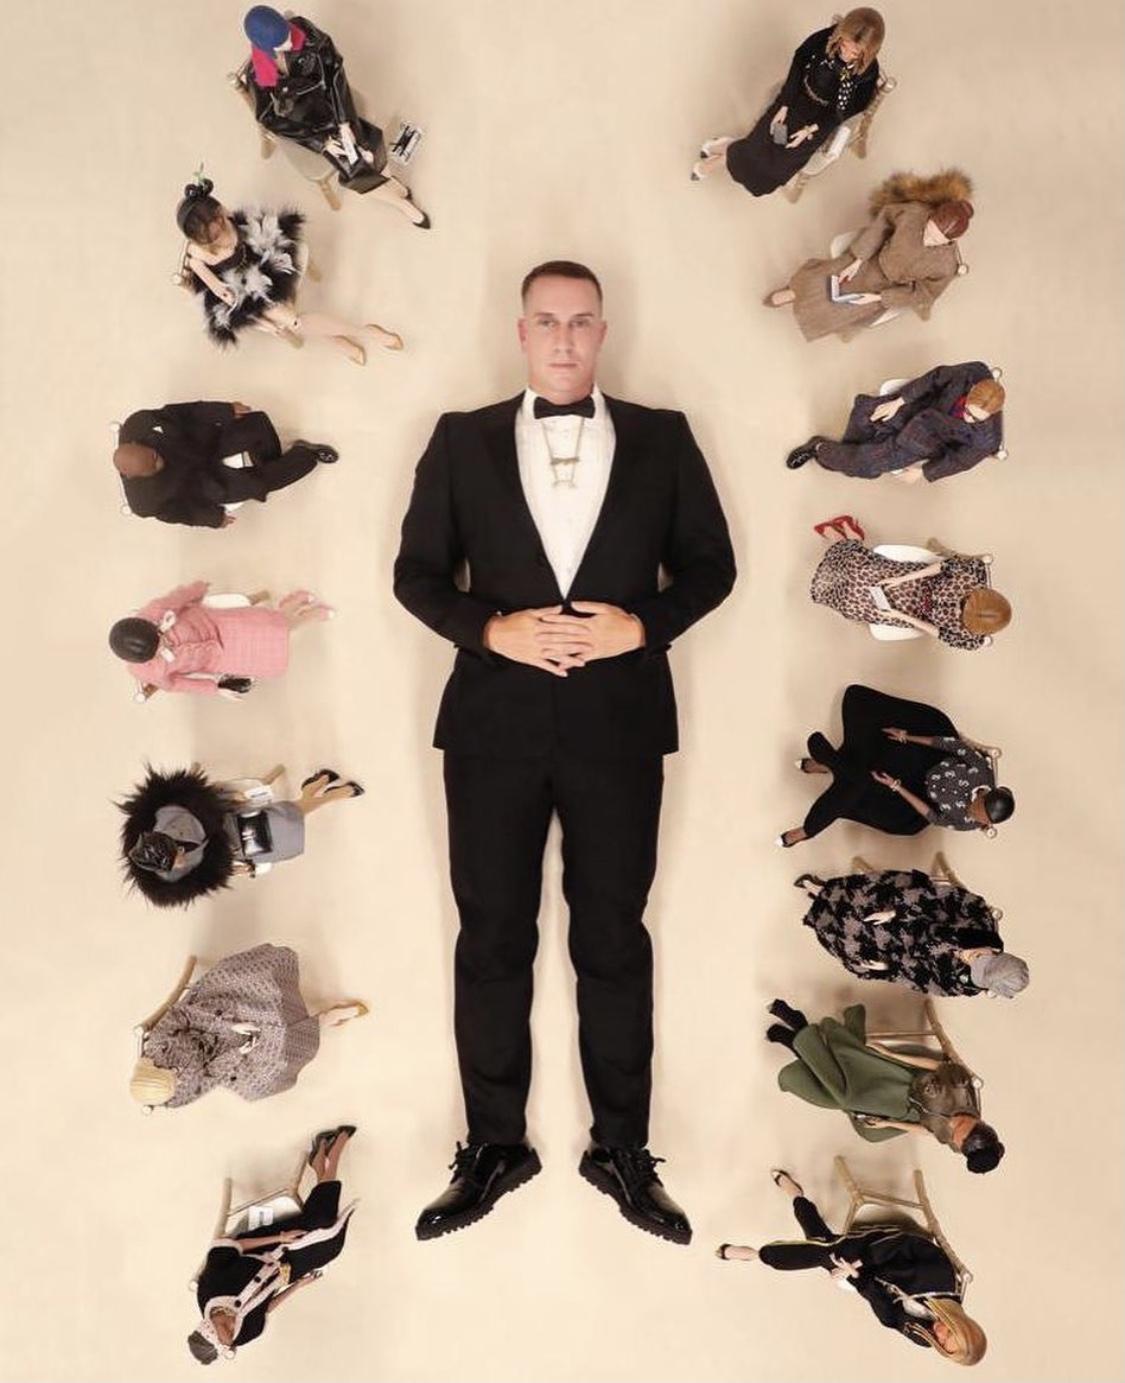 Moschino-puppet-Milan-fashion-week-Jeremy-Scott